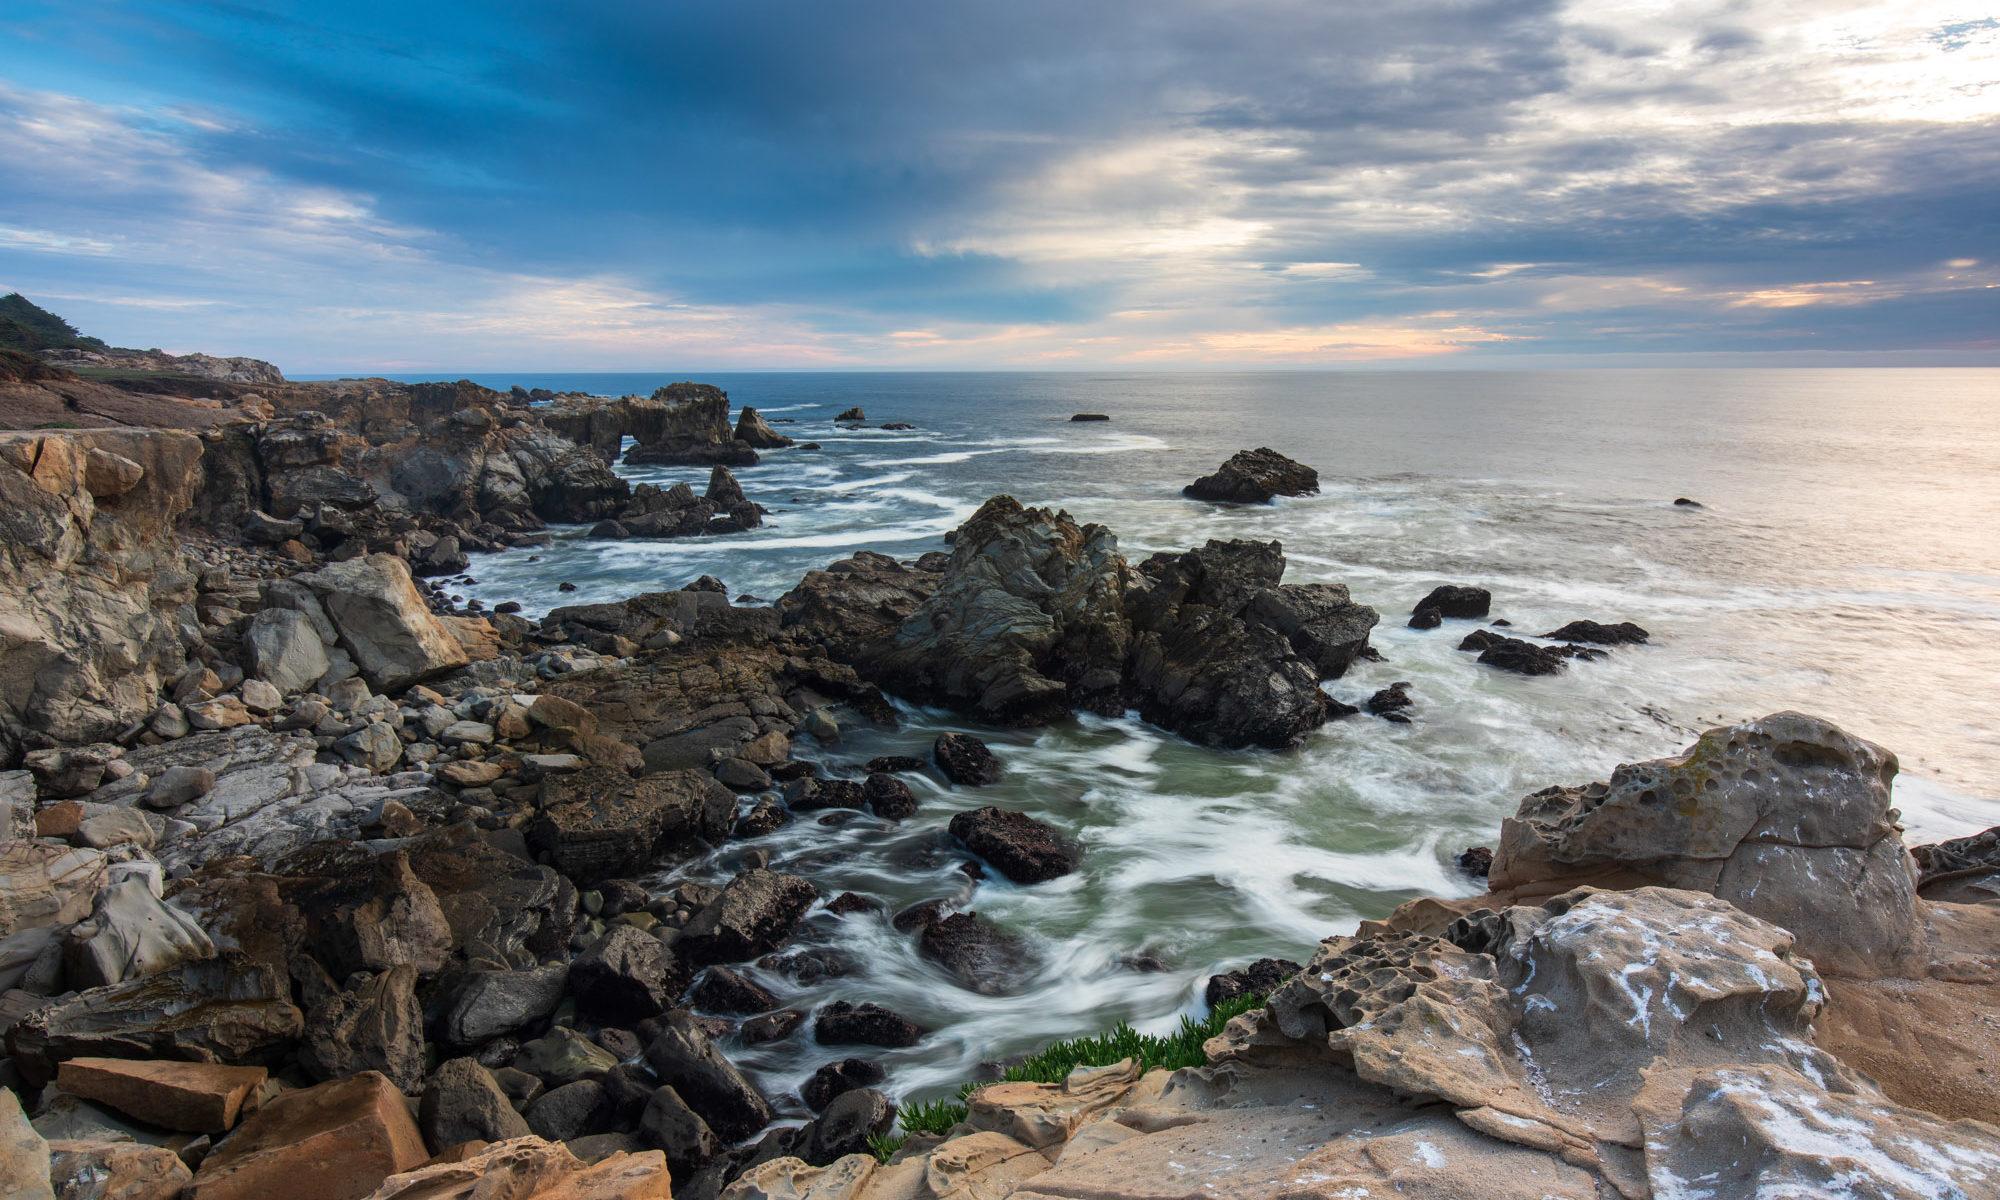 Wellen die über Lavagestein hereinbrechen am Pazifik.